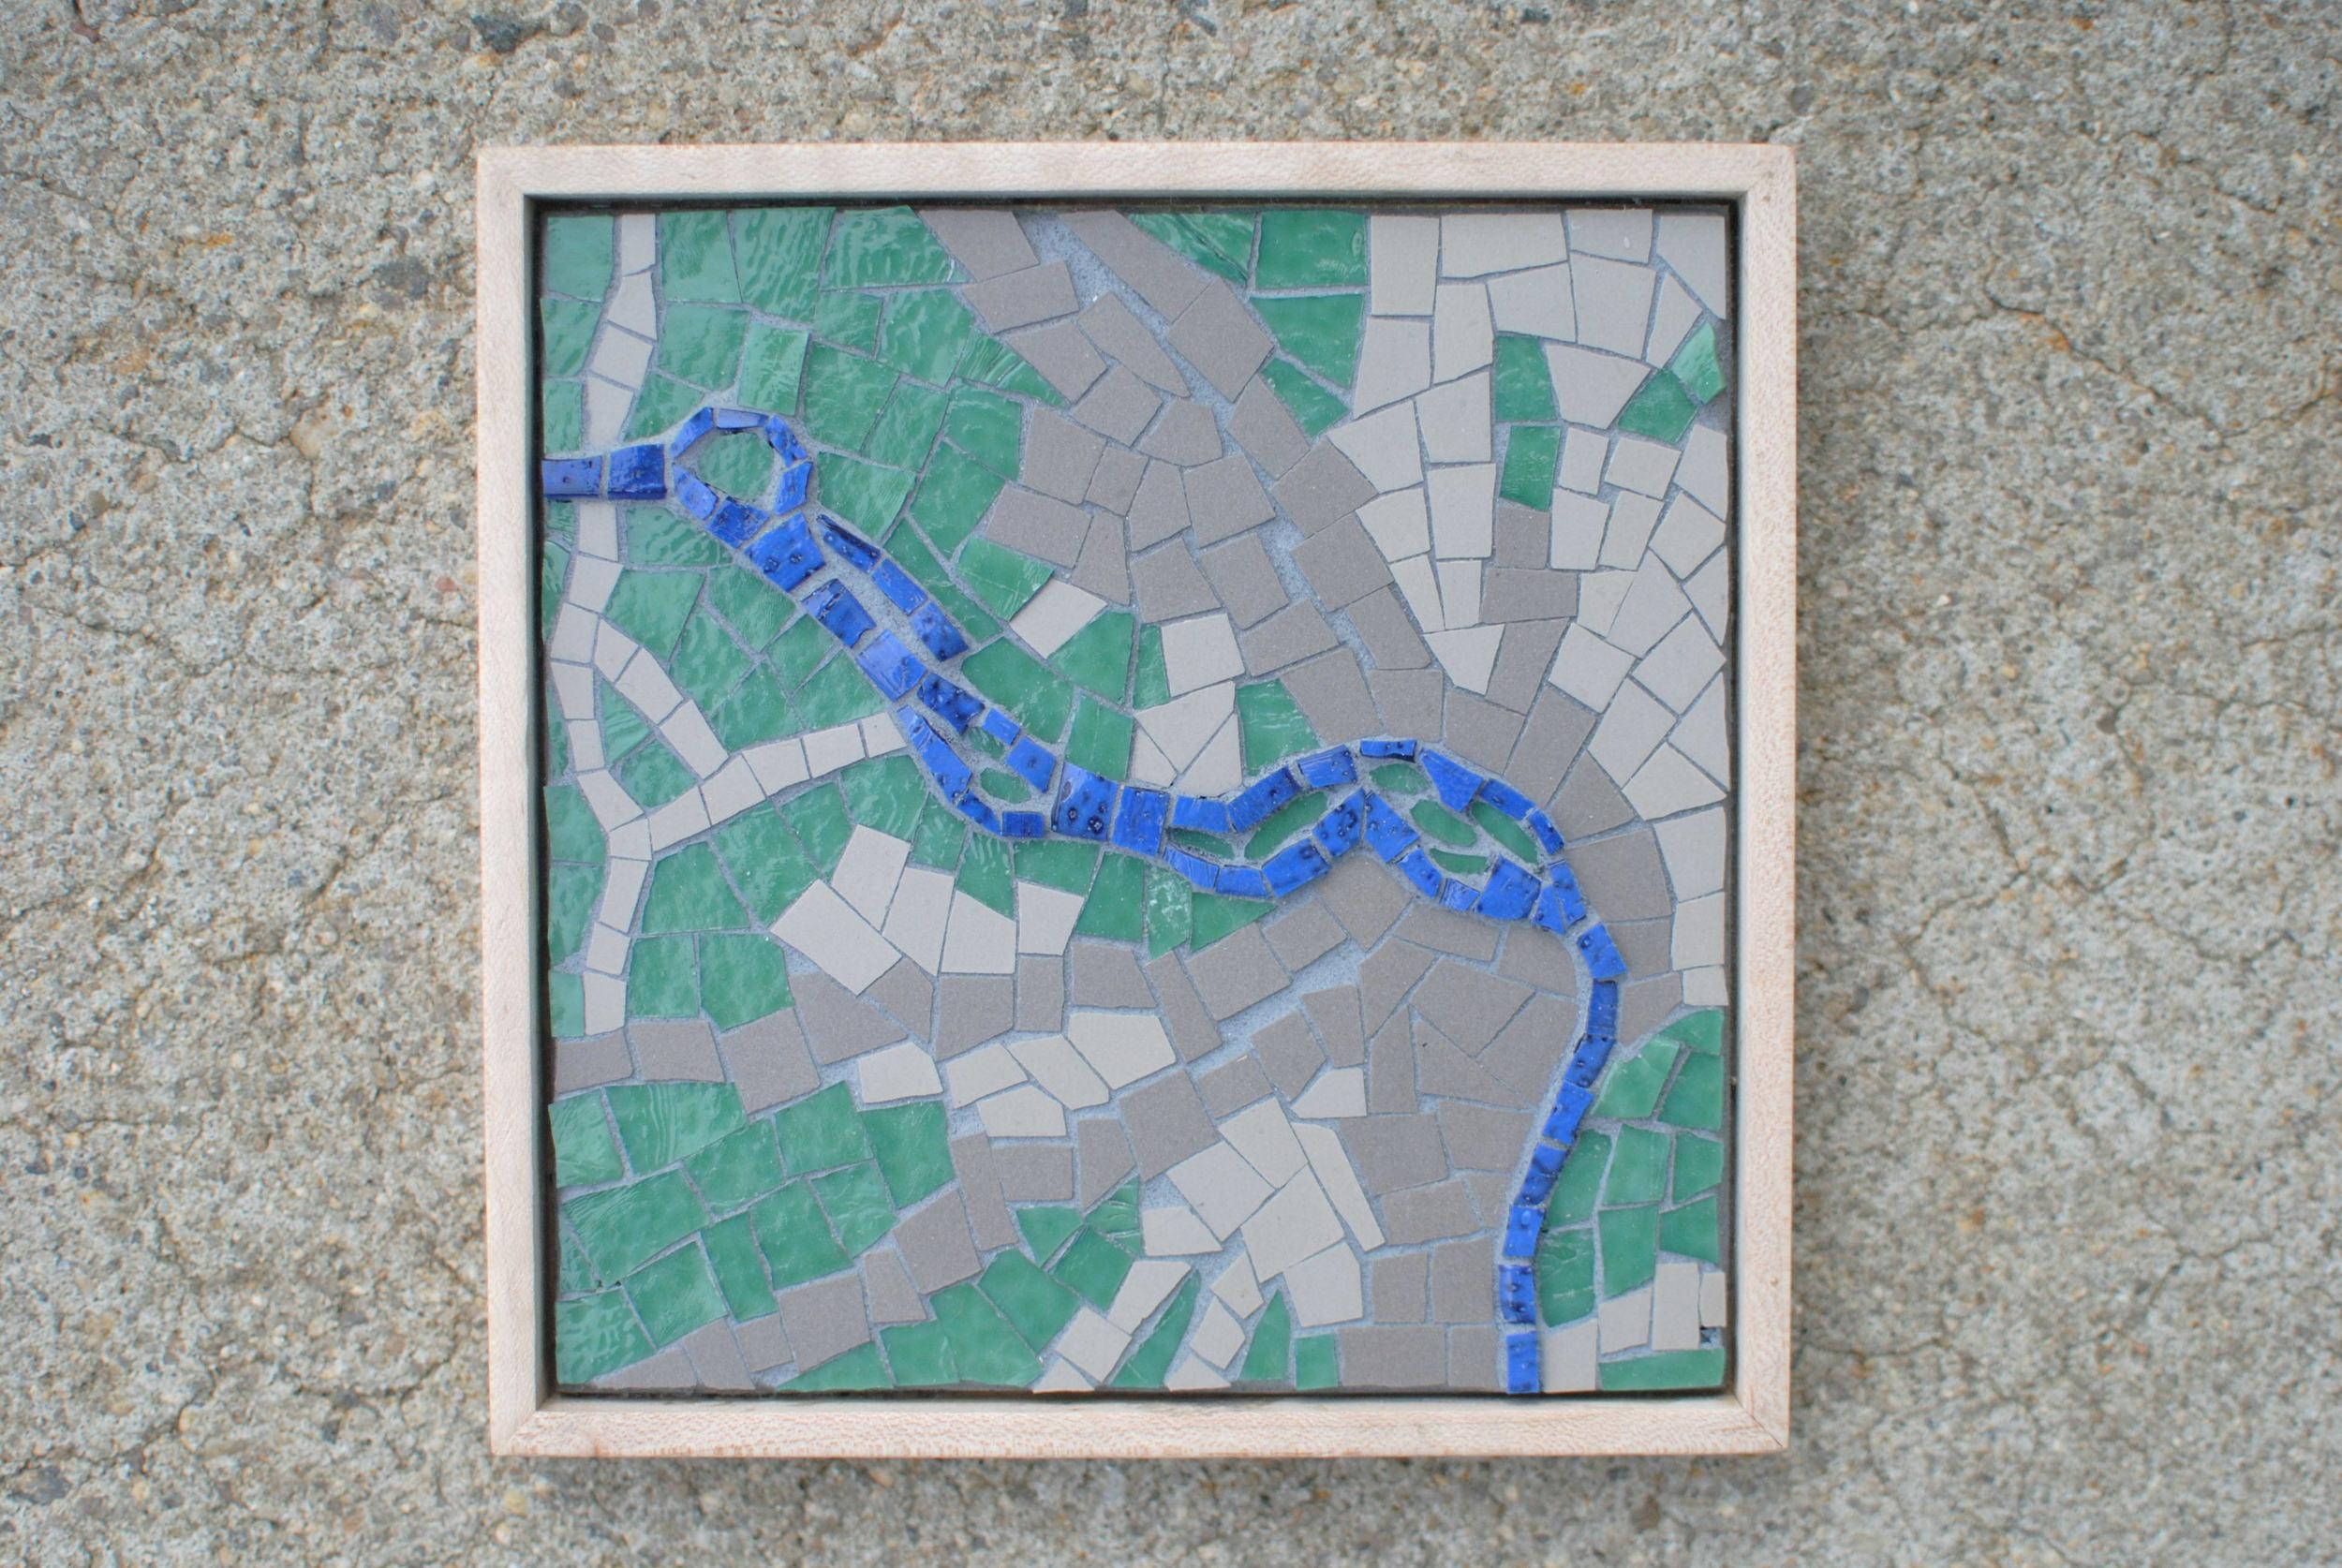 James River in Richmond, VA